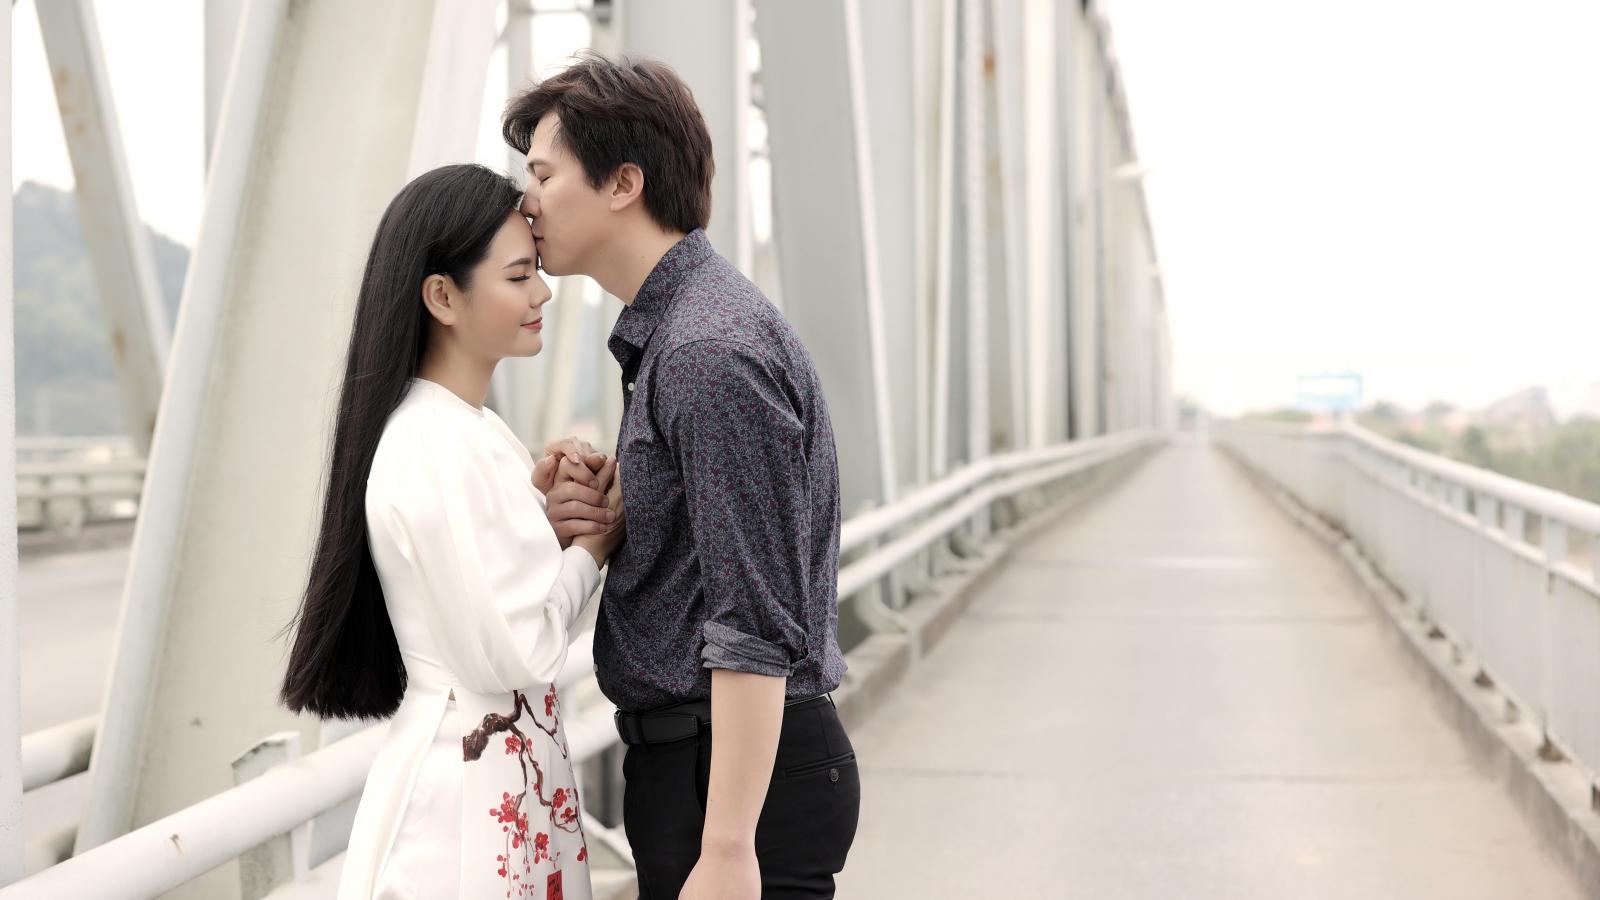 Lương Nguyệt Anh run khi đóng cảnh tình cảm với trai đẹp đã có vợ